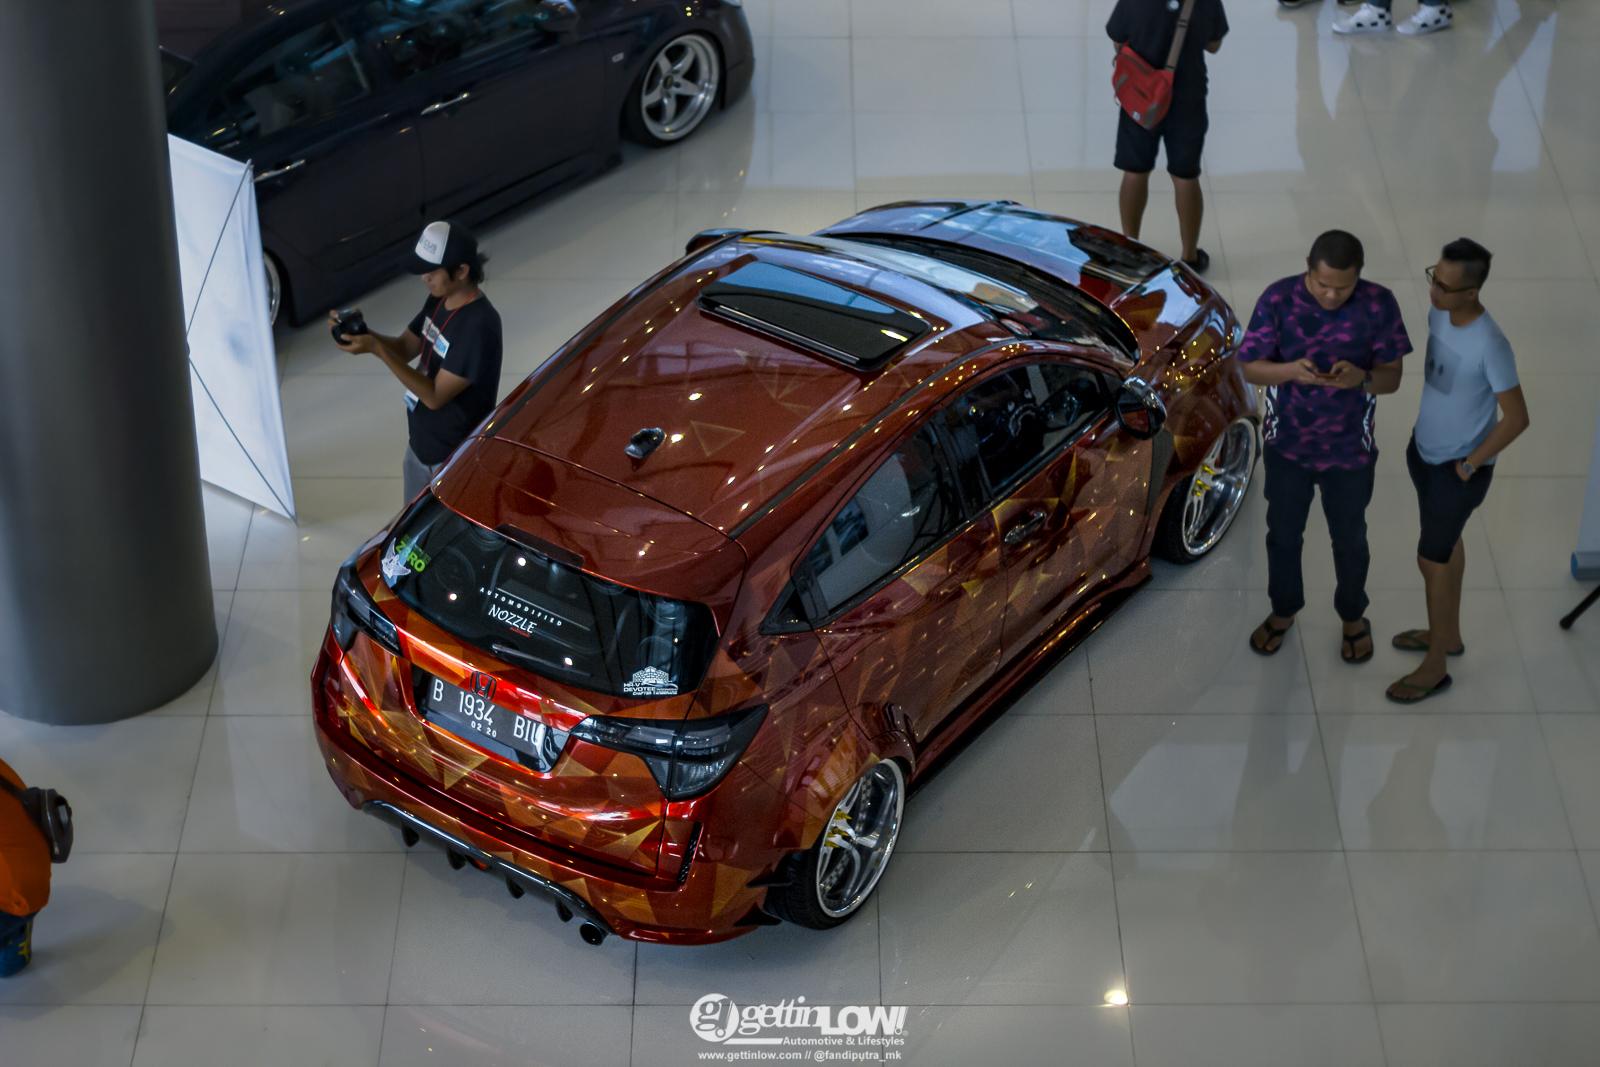 NUSANTARA AUTO BATTLE 2018